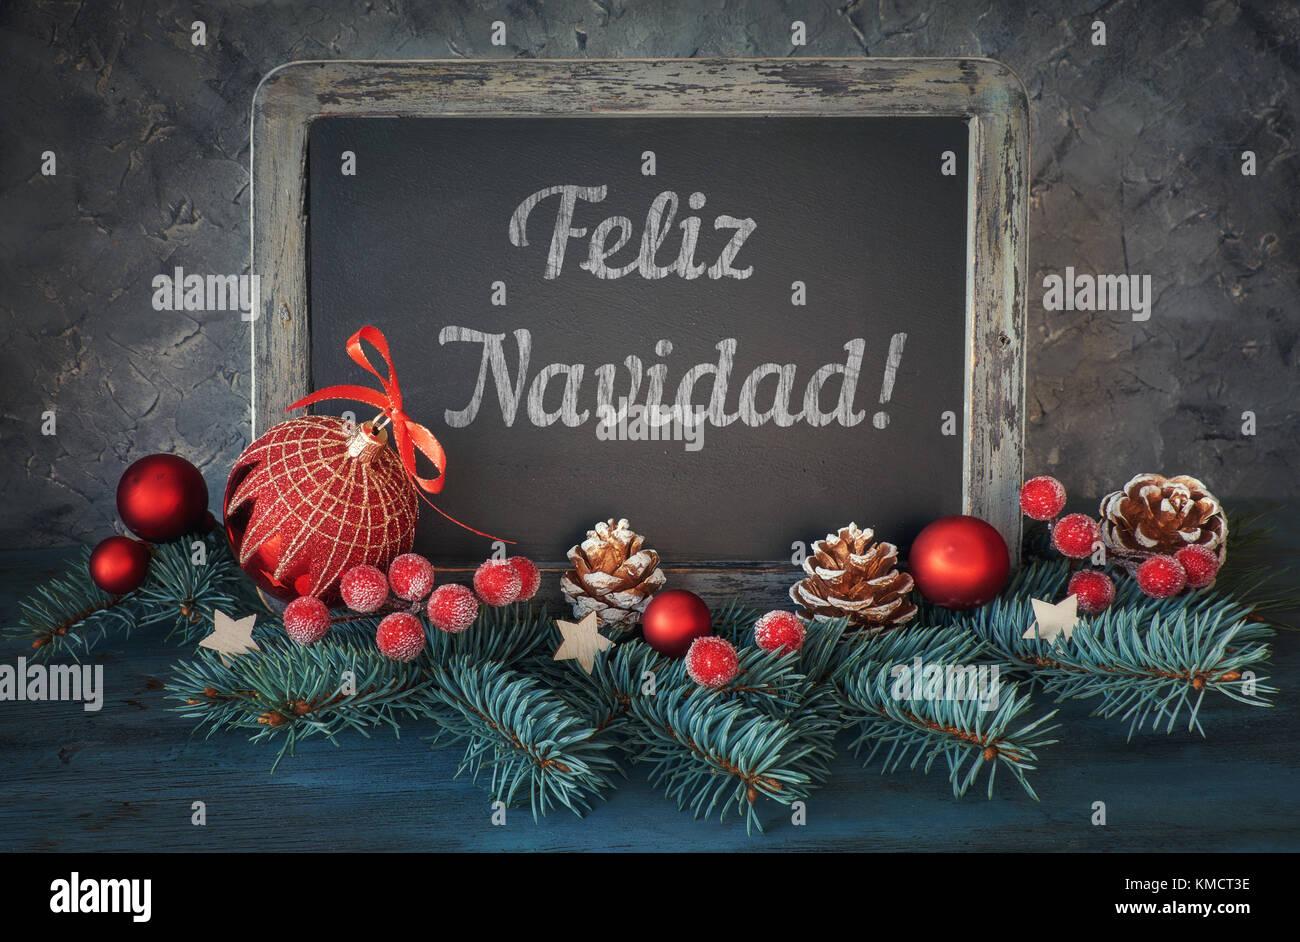 Buon Natale In Spagnolo.Lavagna Decorata Con Il Testo Feliz Navidad O Buon Natale In Spagnolo Su Darkbackground Foto Stock Alamy